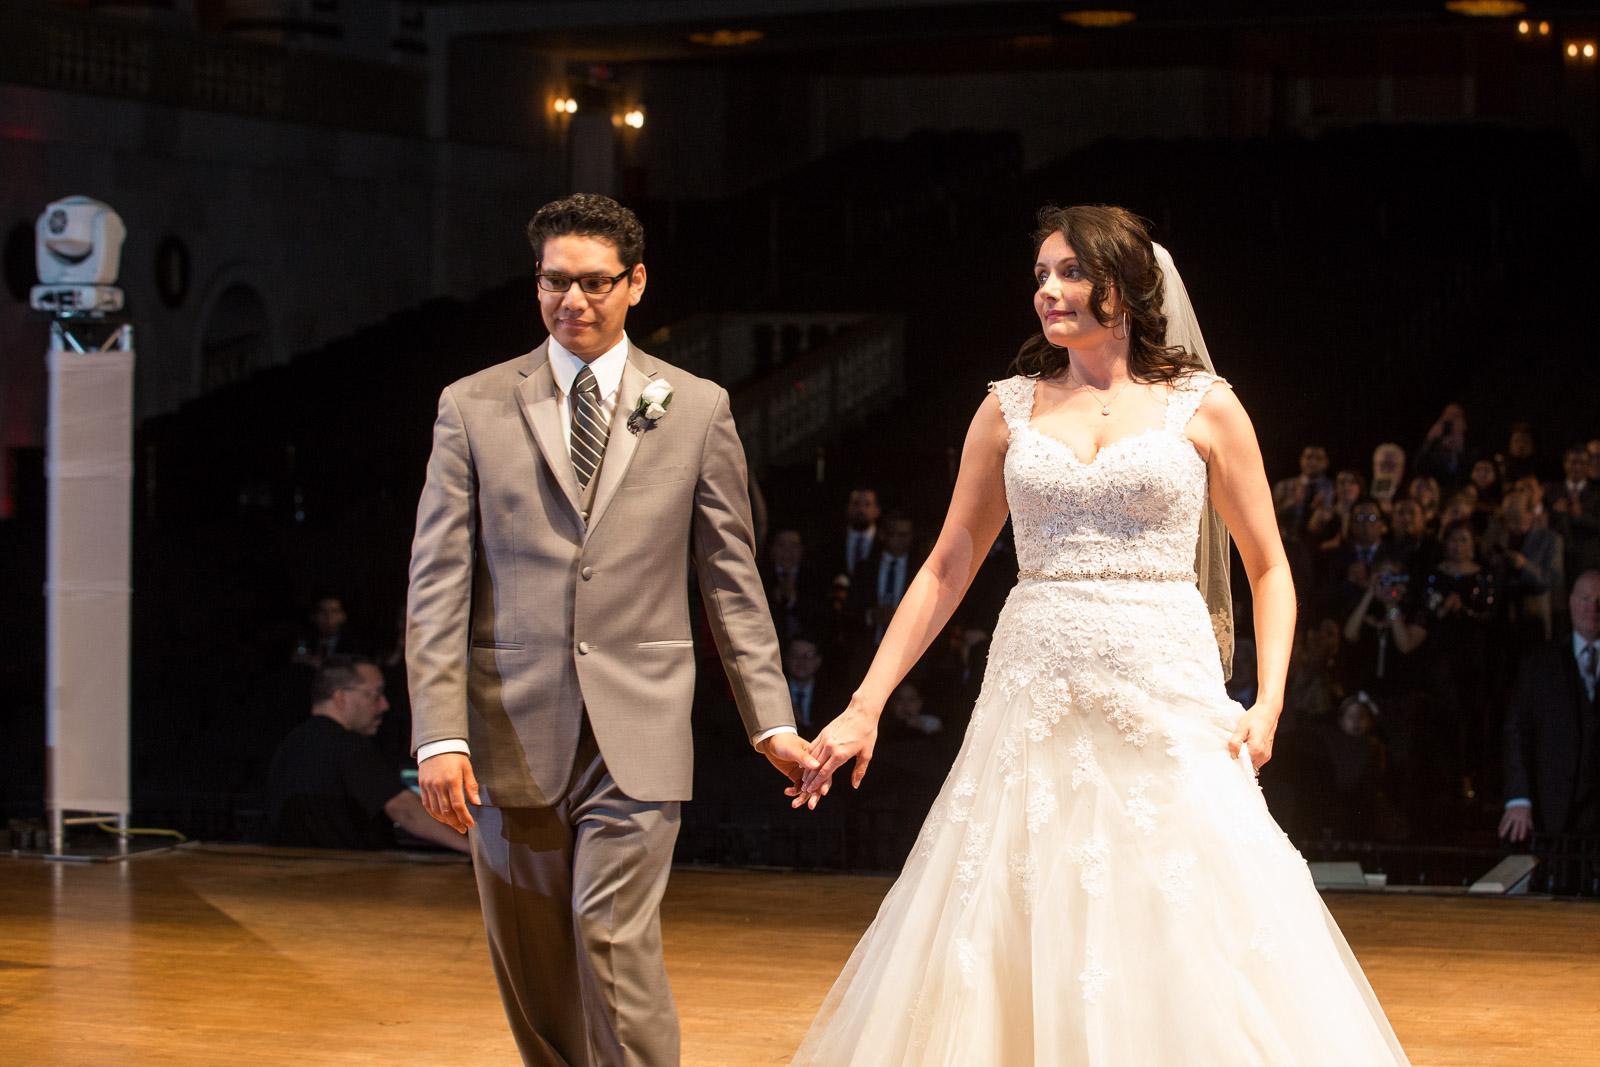 tara-yareb-wedding-028-blog.jpg